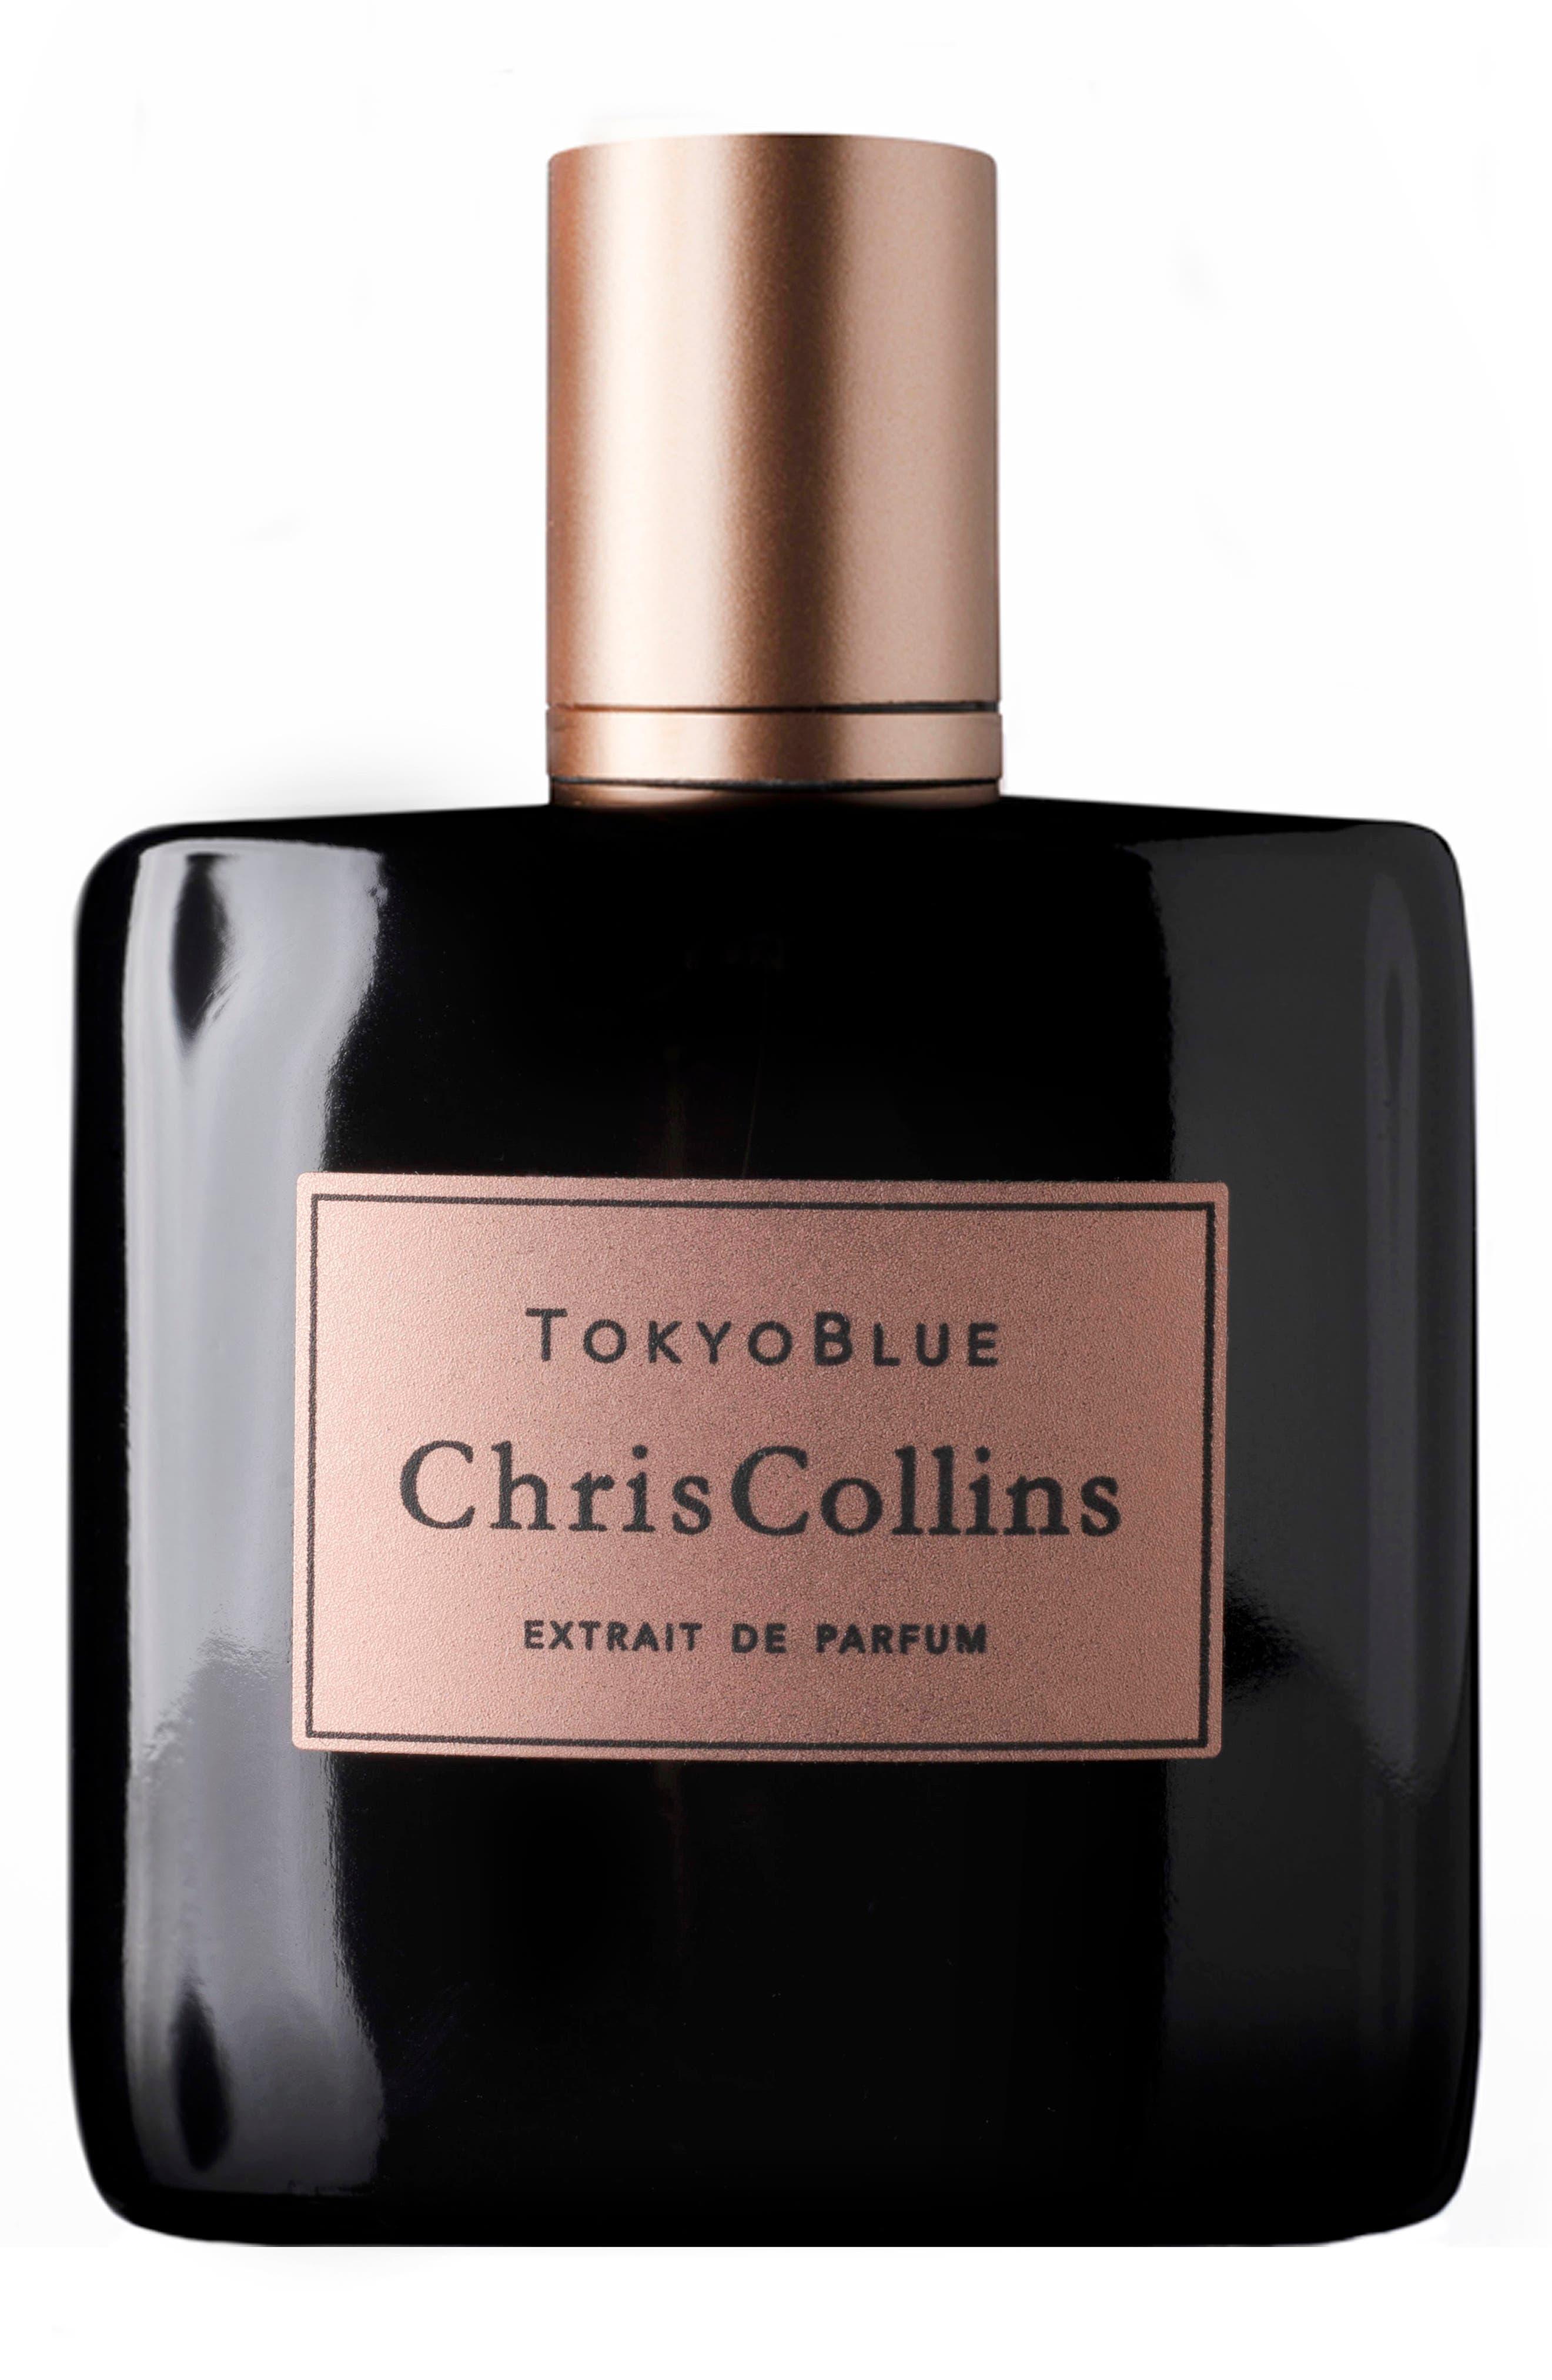 Tokyo Blue Extrait De Parfum